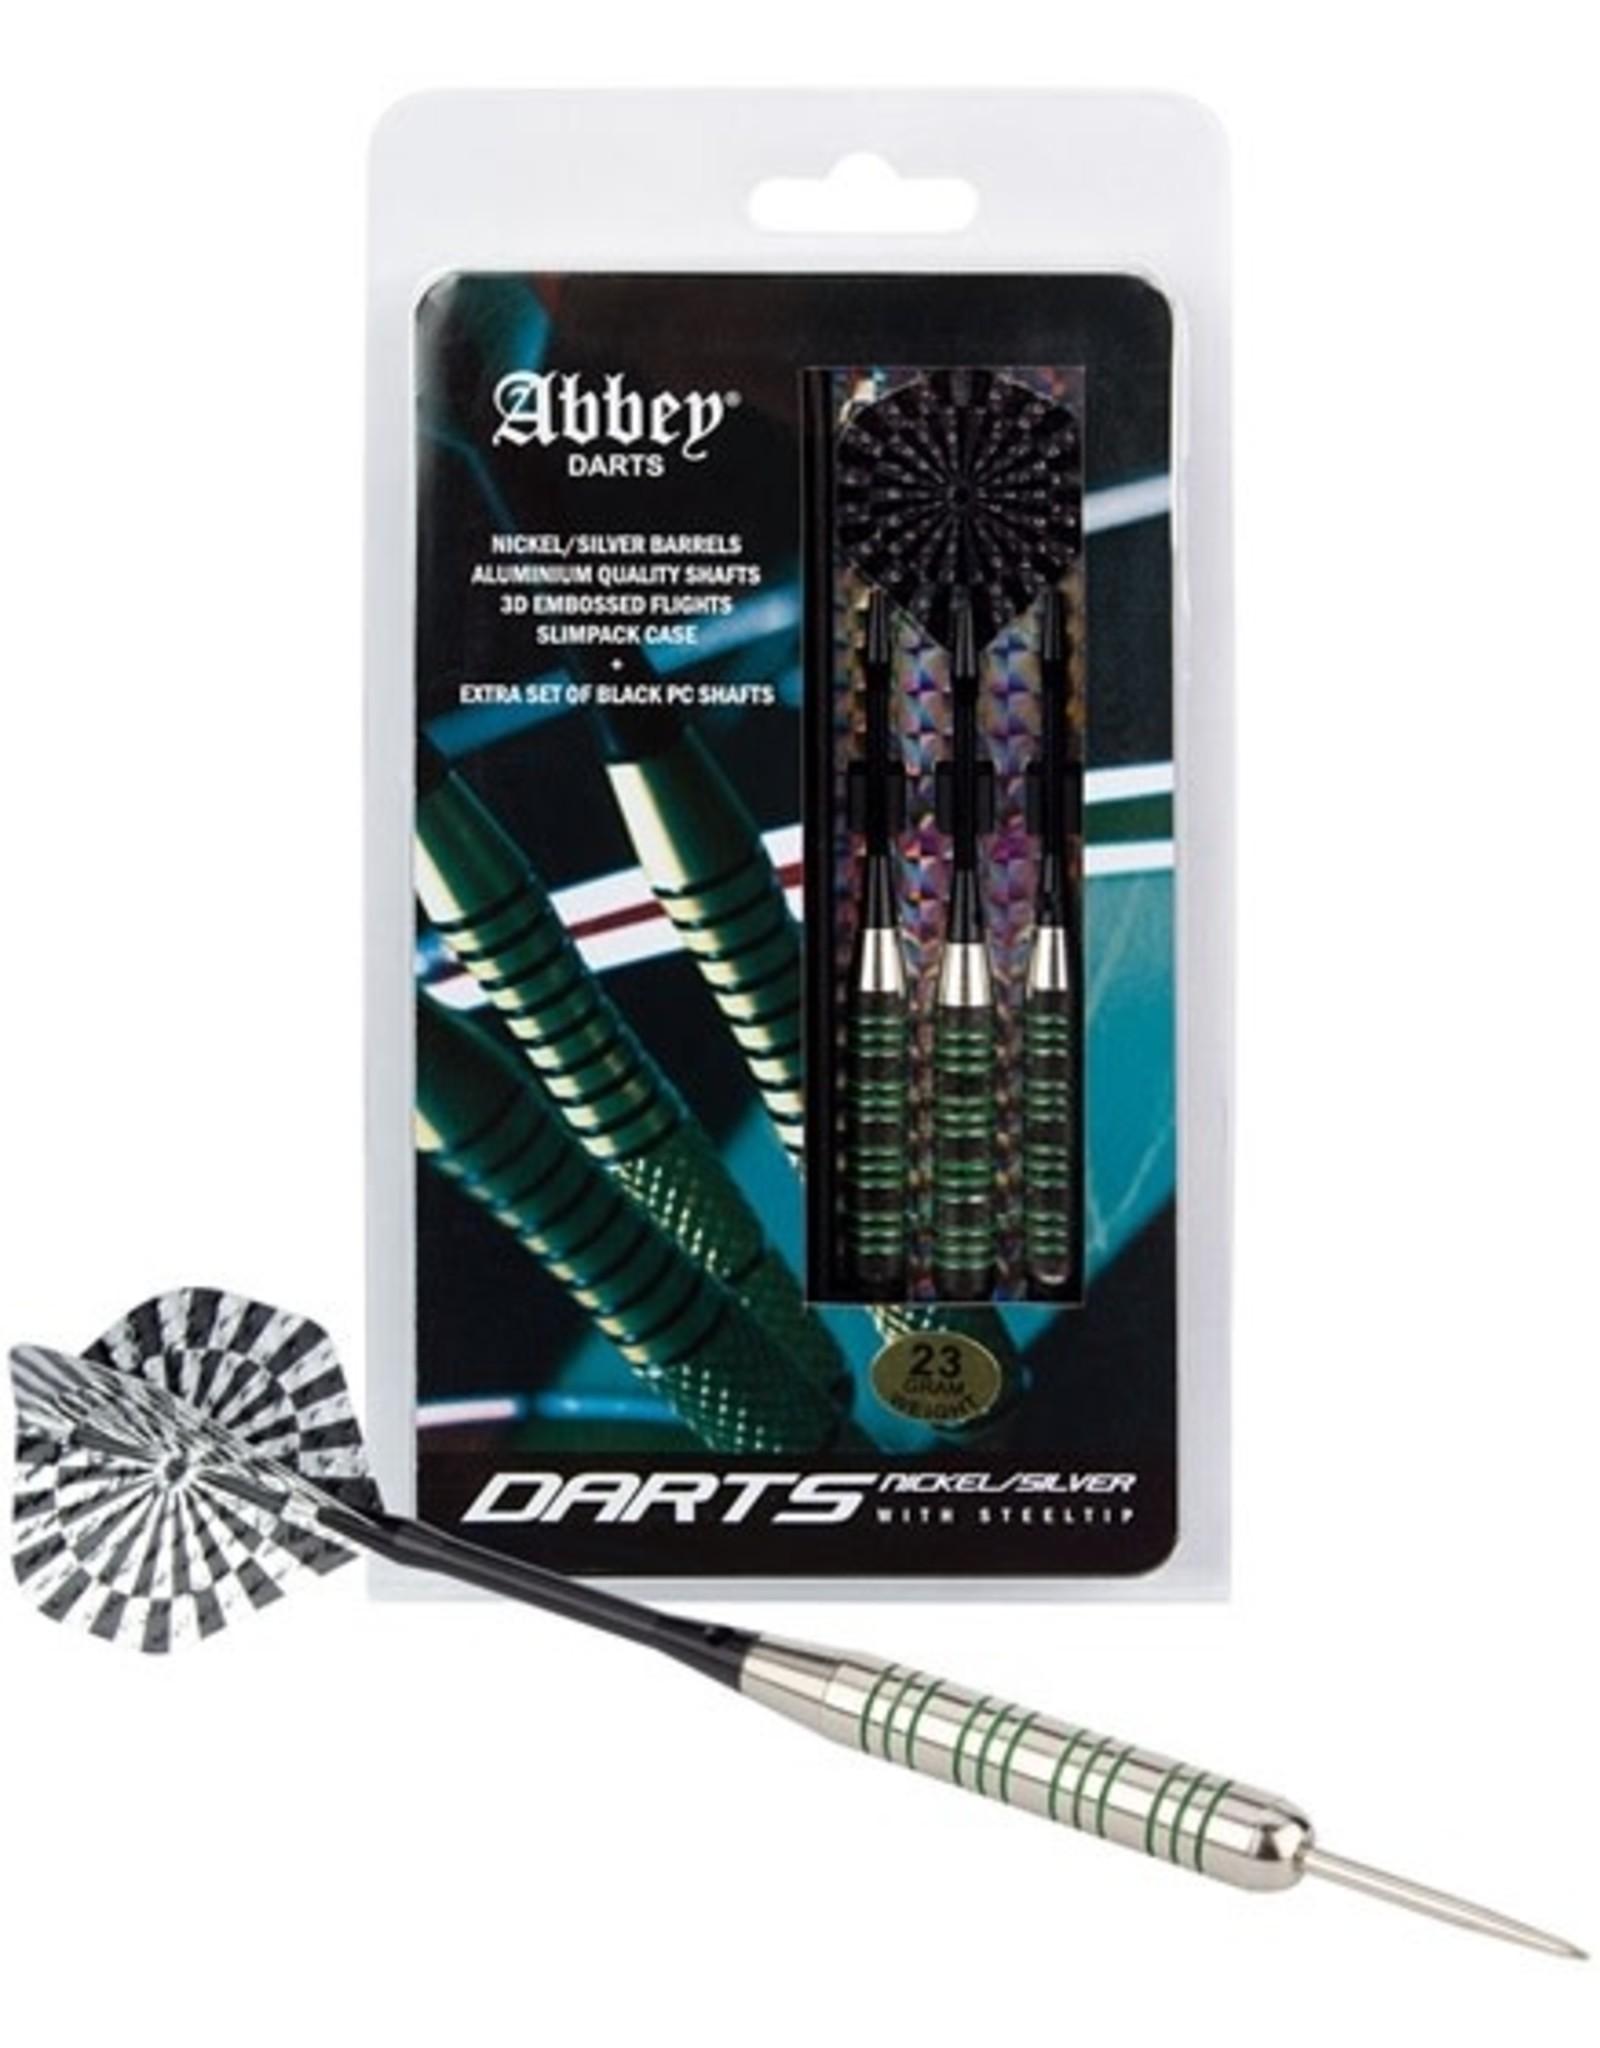 Abbey® Darts Darts • Nickel/Silver •